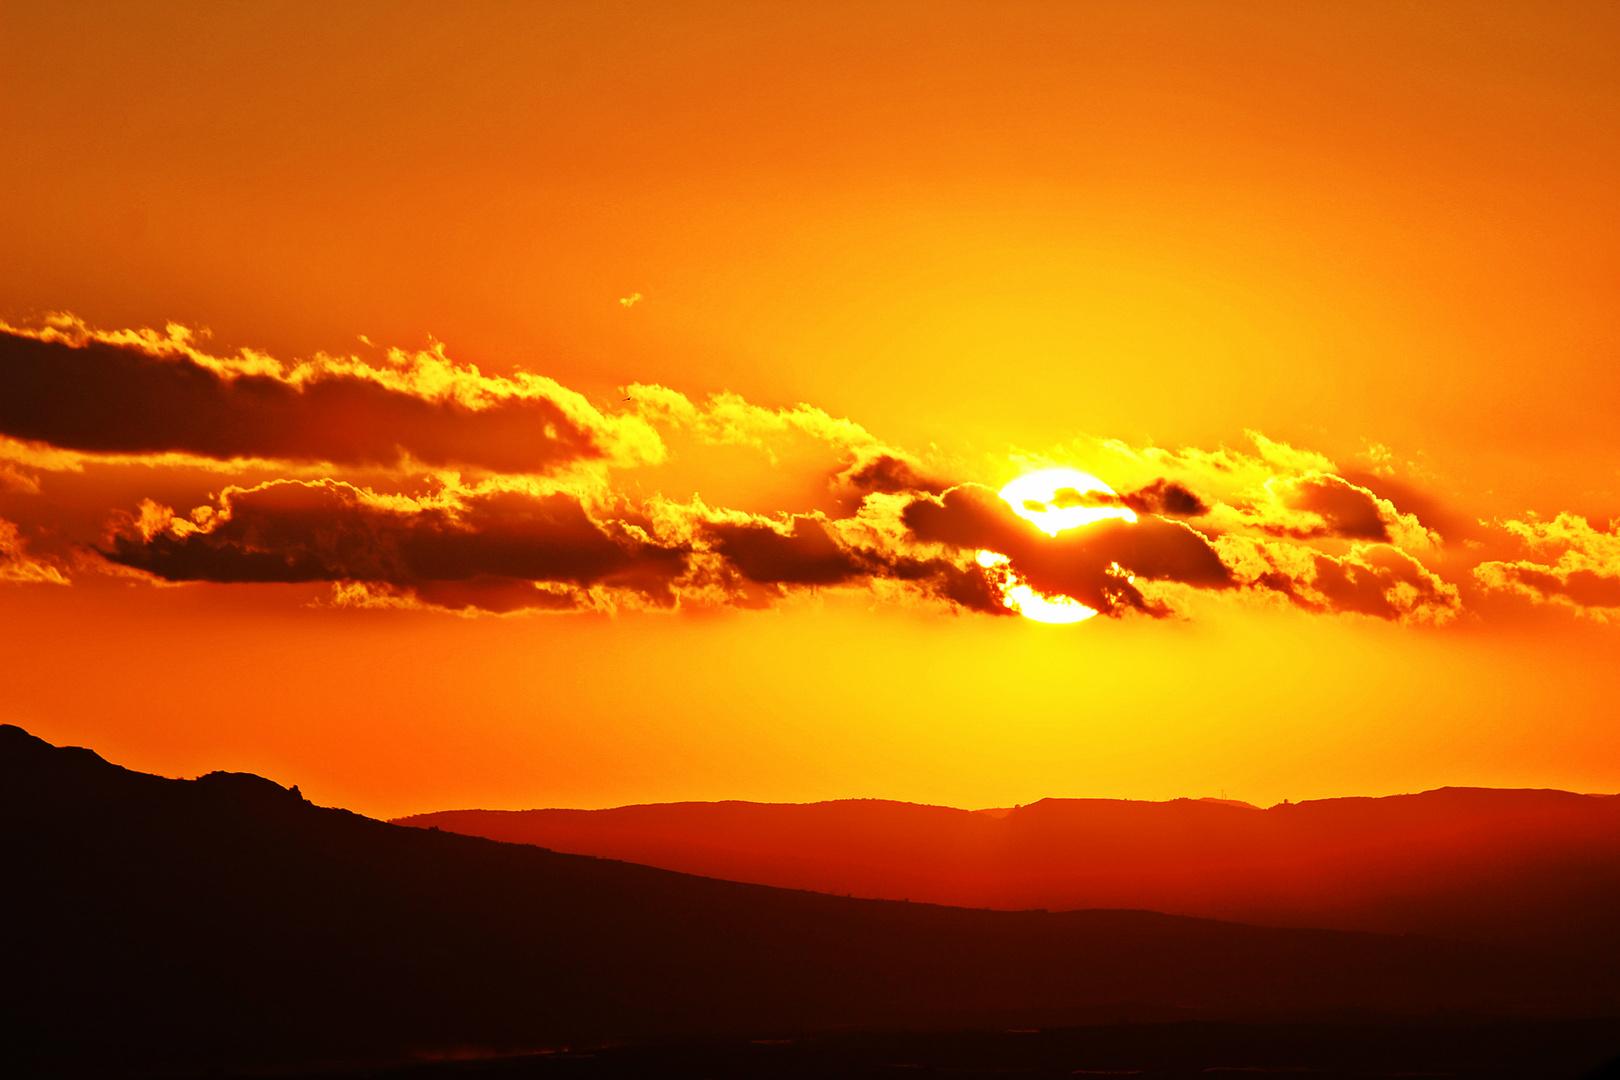 Il sole nascosto tra le nuvole